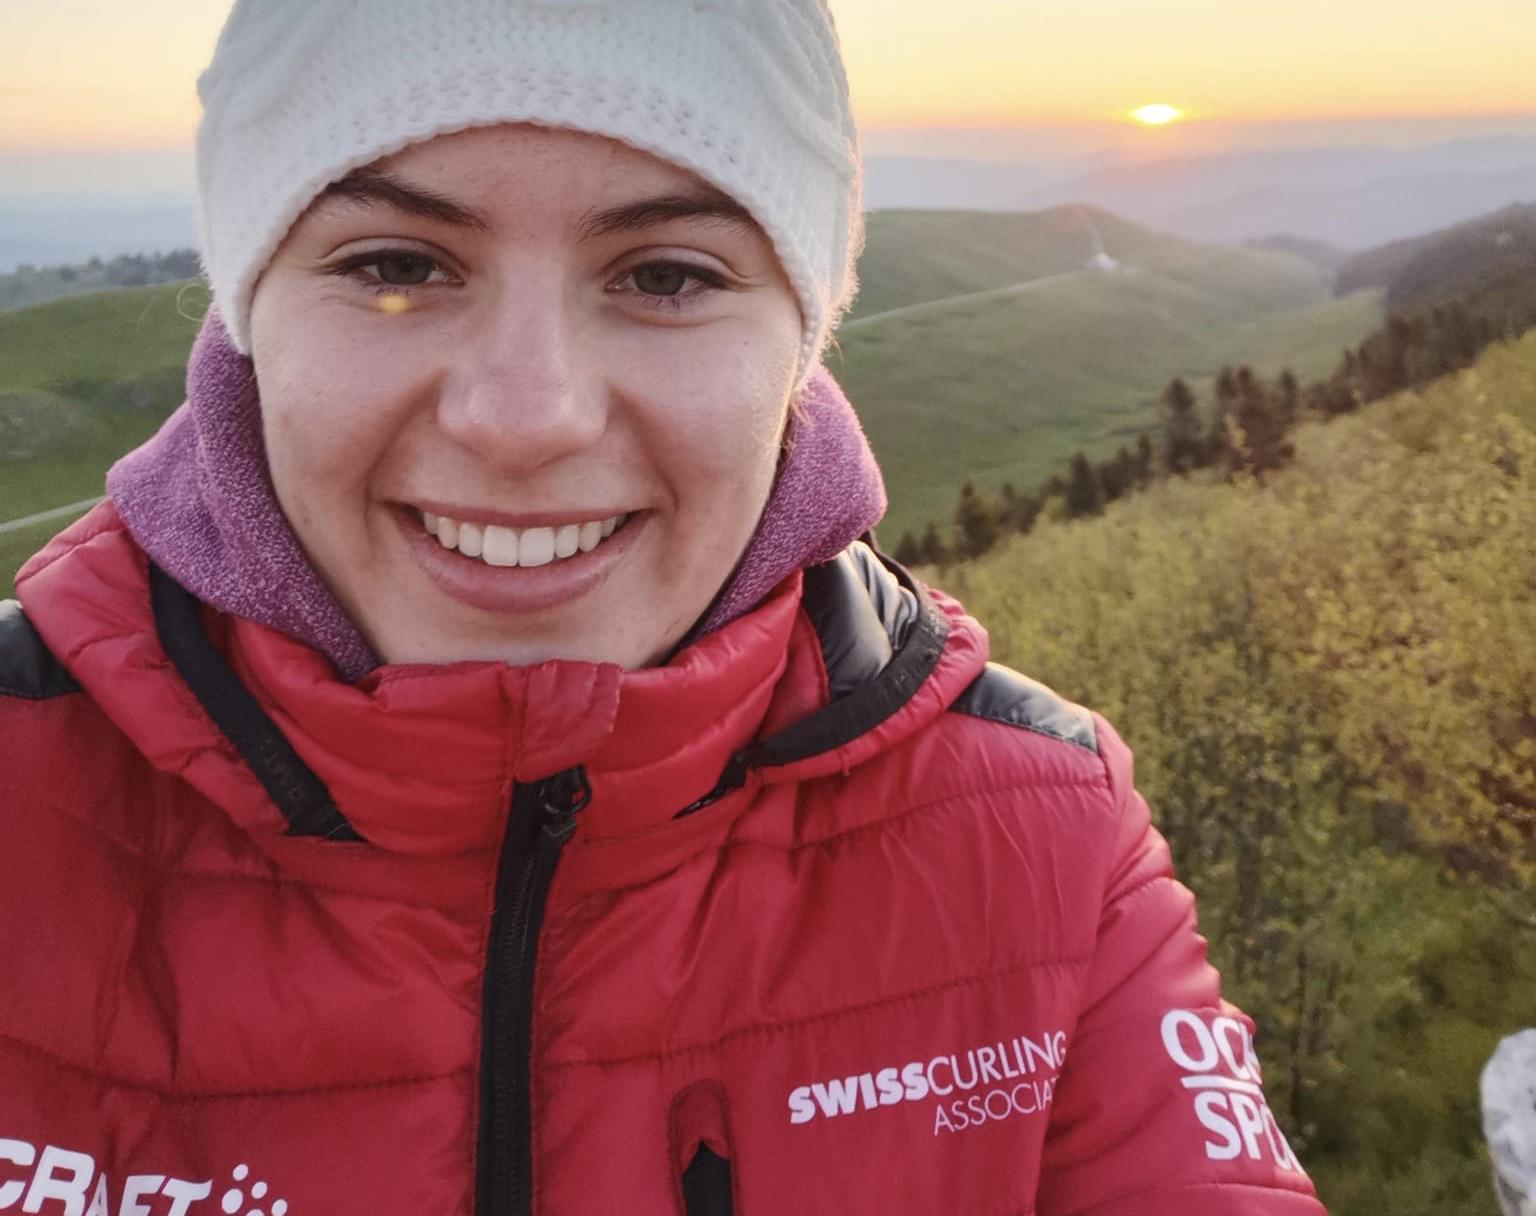 1'544 km pour le sport suisse - nos jeunes équipes étaient très occupées.